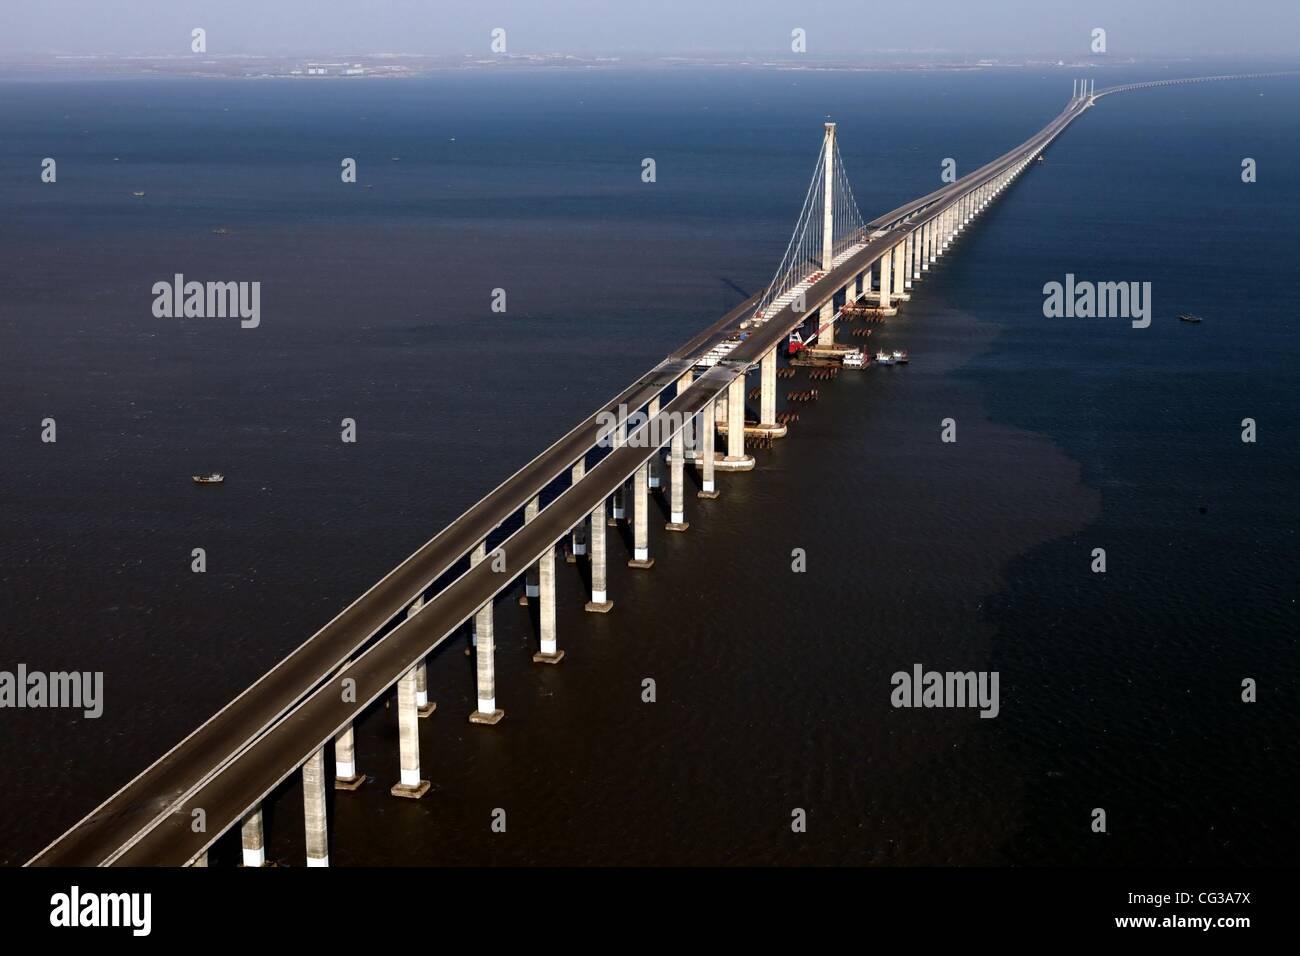 Qingdao Haiwan Bridge Jiaozhou Stock Photos Amp Jiaozhou Stock Images Alamy